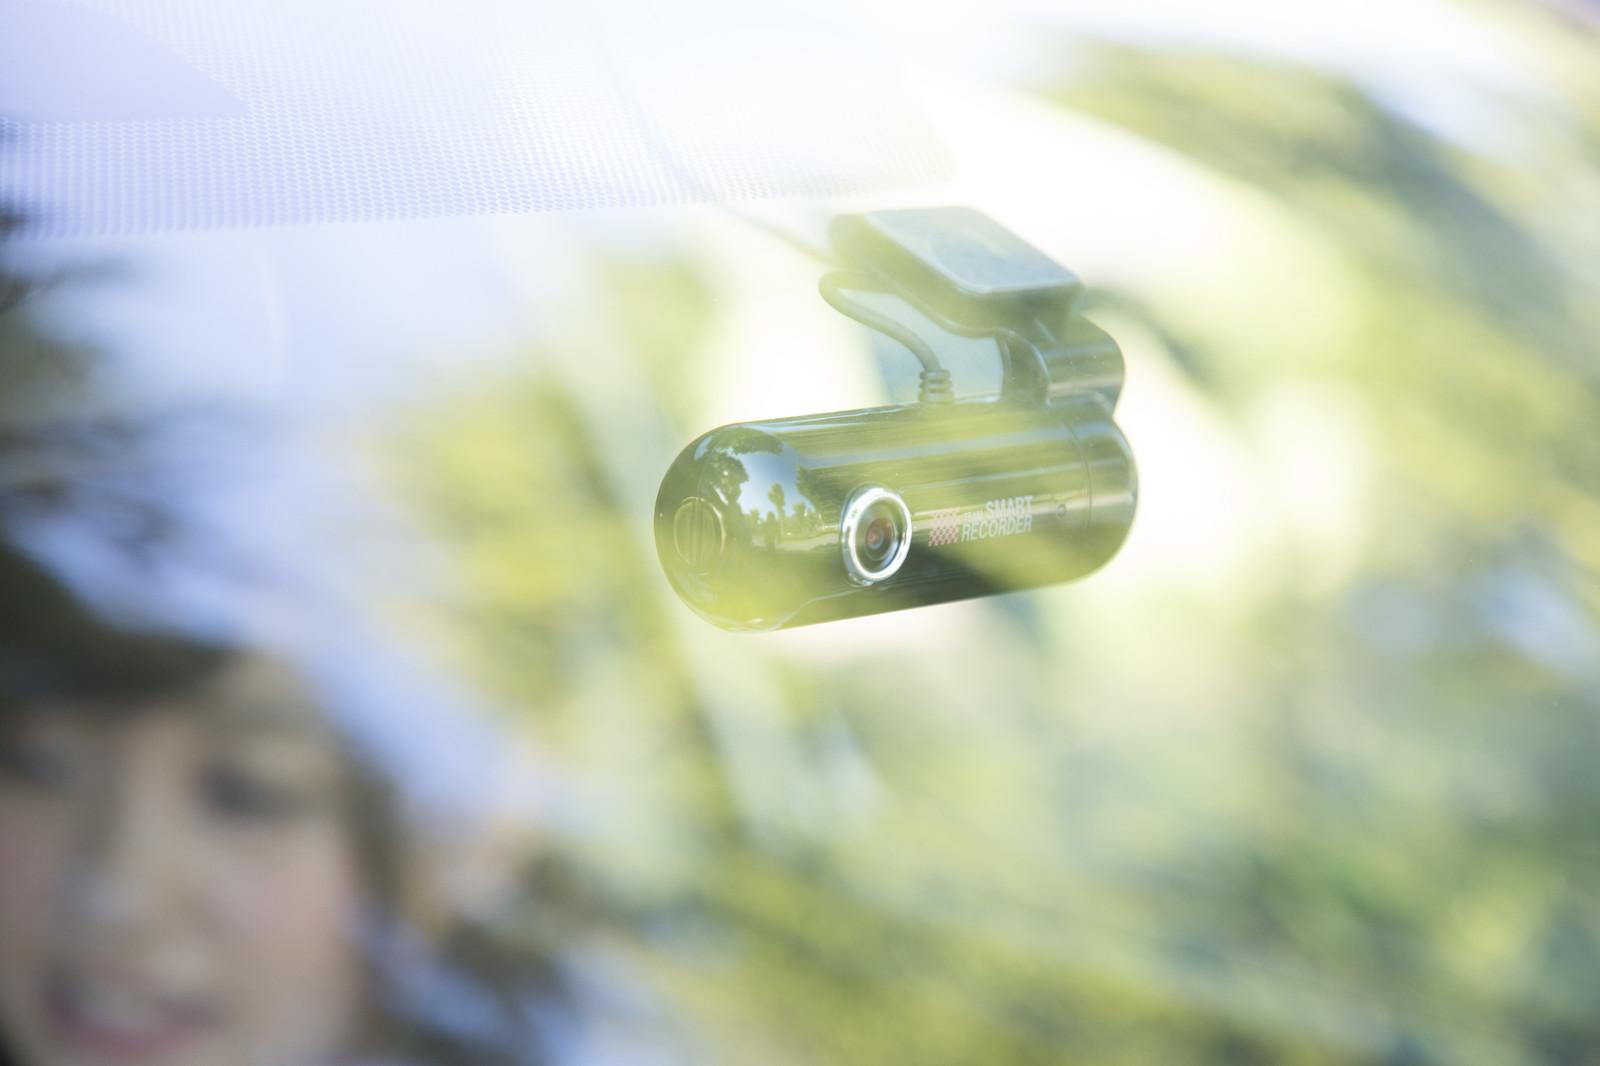 車を運転する人必見!ドライブレコーダーの装着と任意保険の弁護士特約はセット必須!